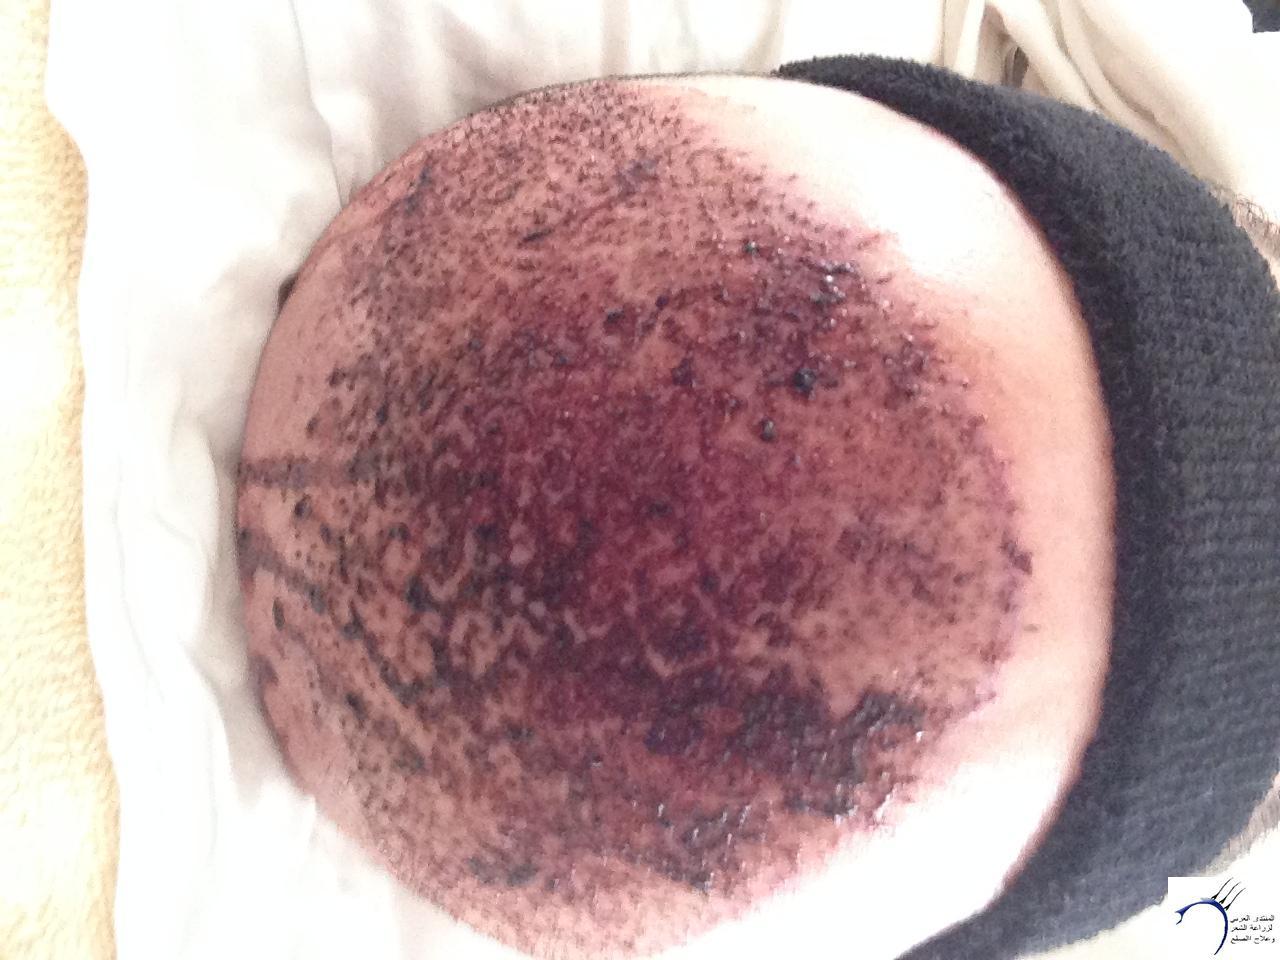 الأخصائي 28/08/2014 والحمدلله www.hairarab.com38bb